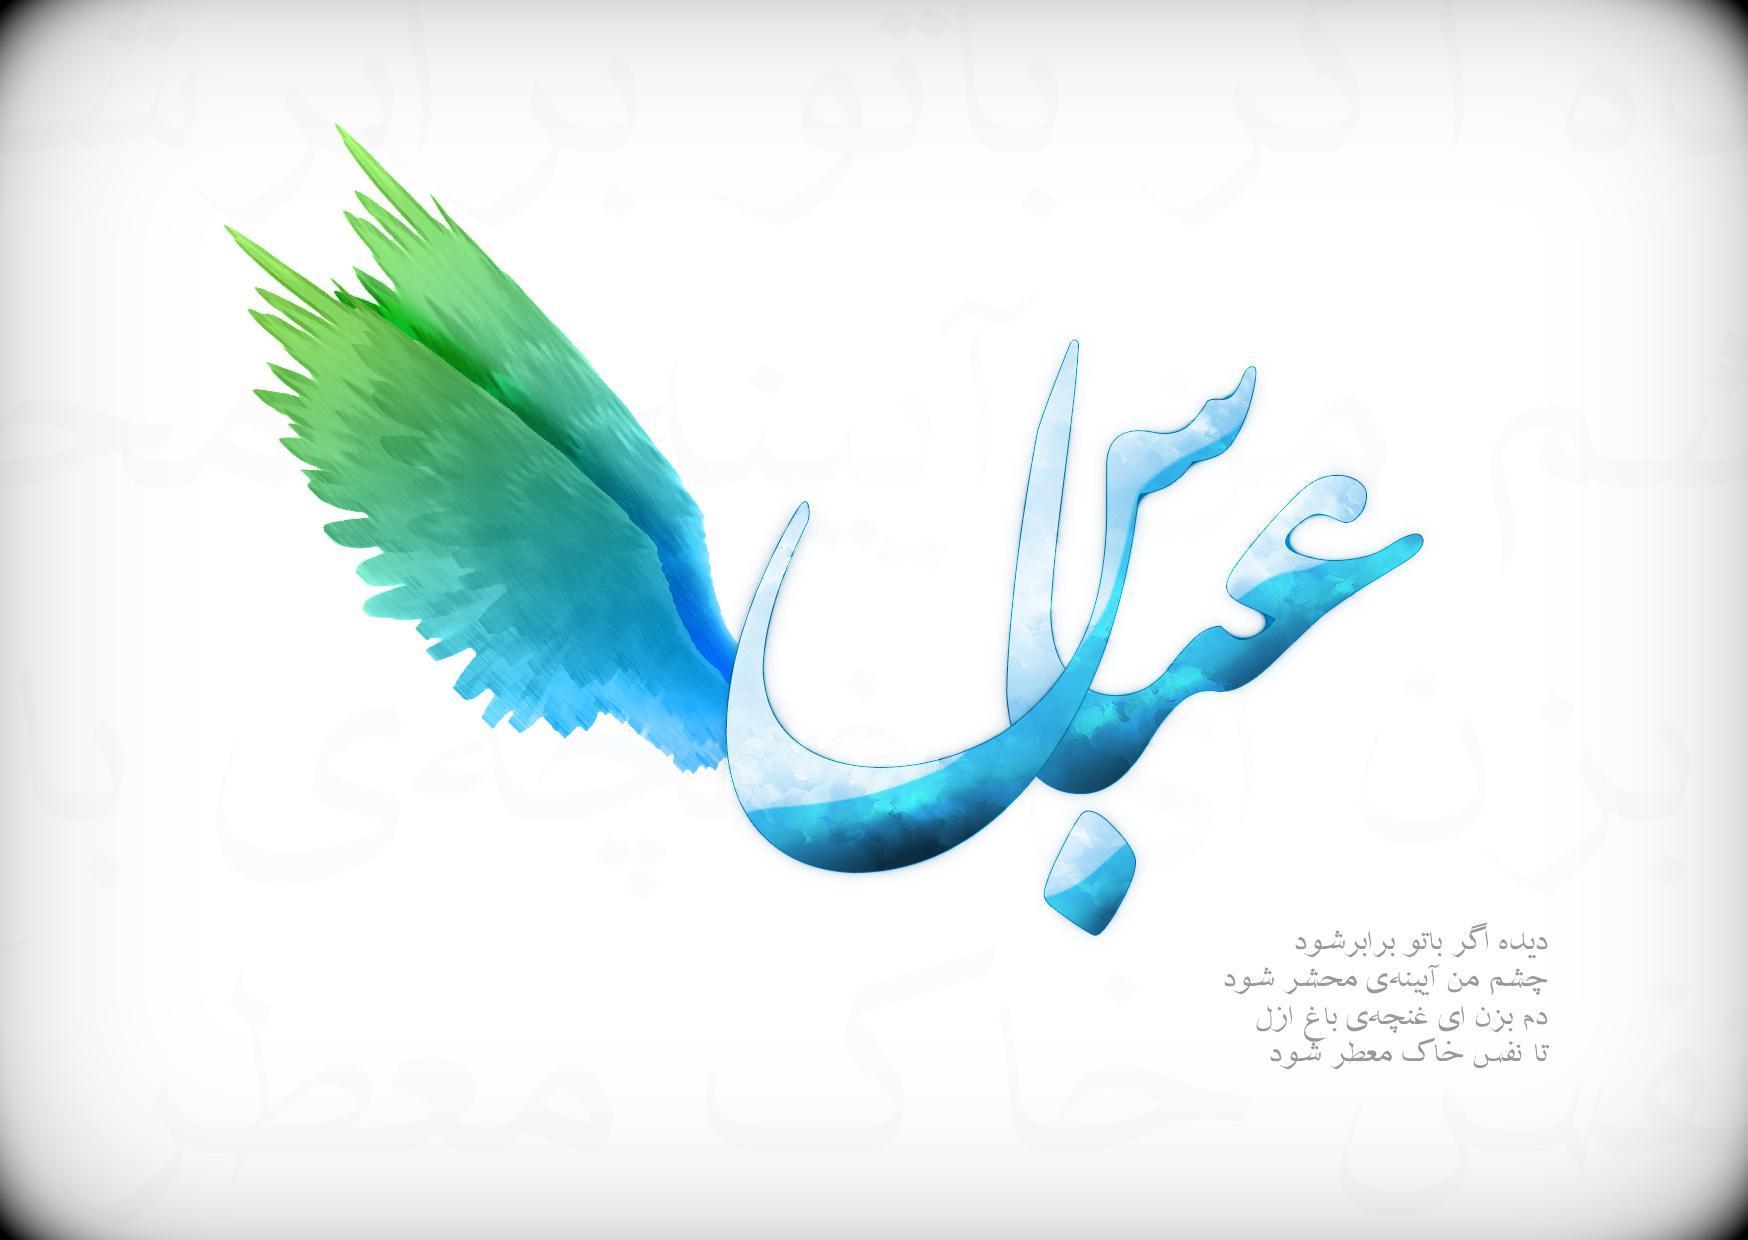 میلاد حضرت ابالفضل / سیدمهدی میرداماد